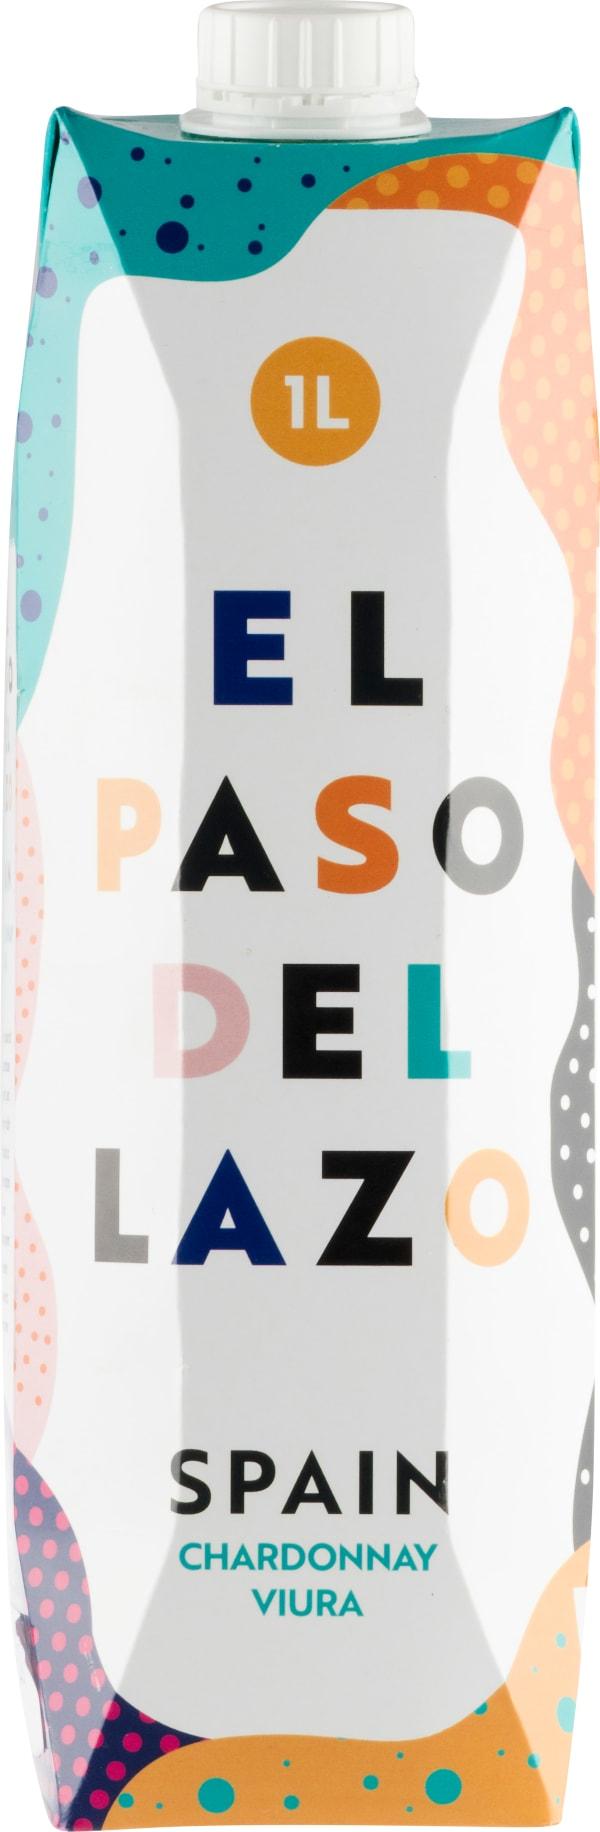 El Paso del Lazo Chardonnay Viura 2019 carton package